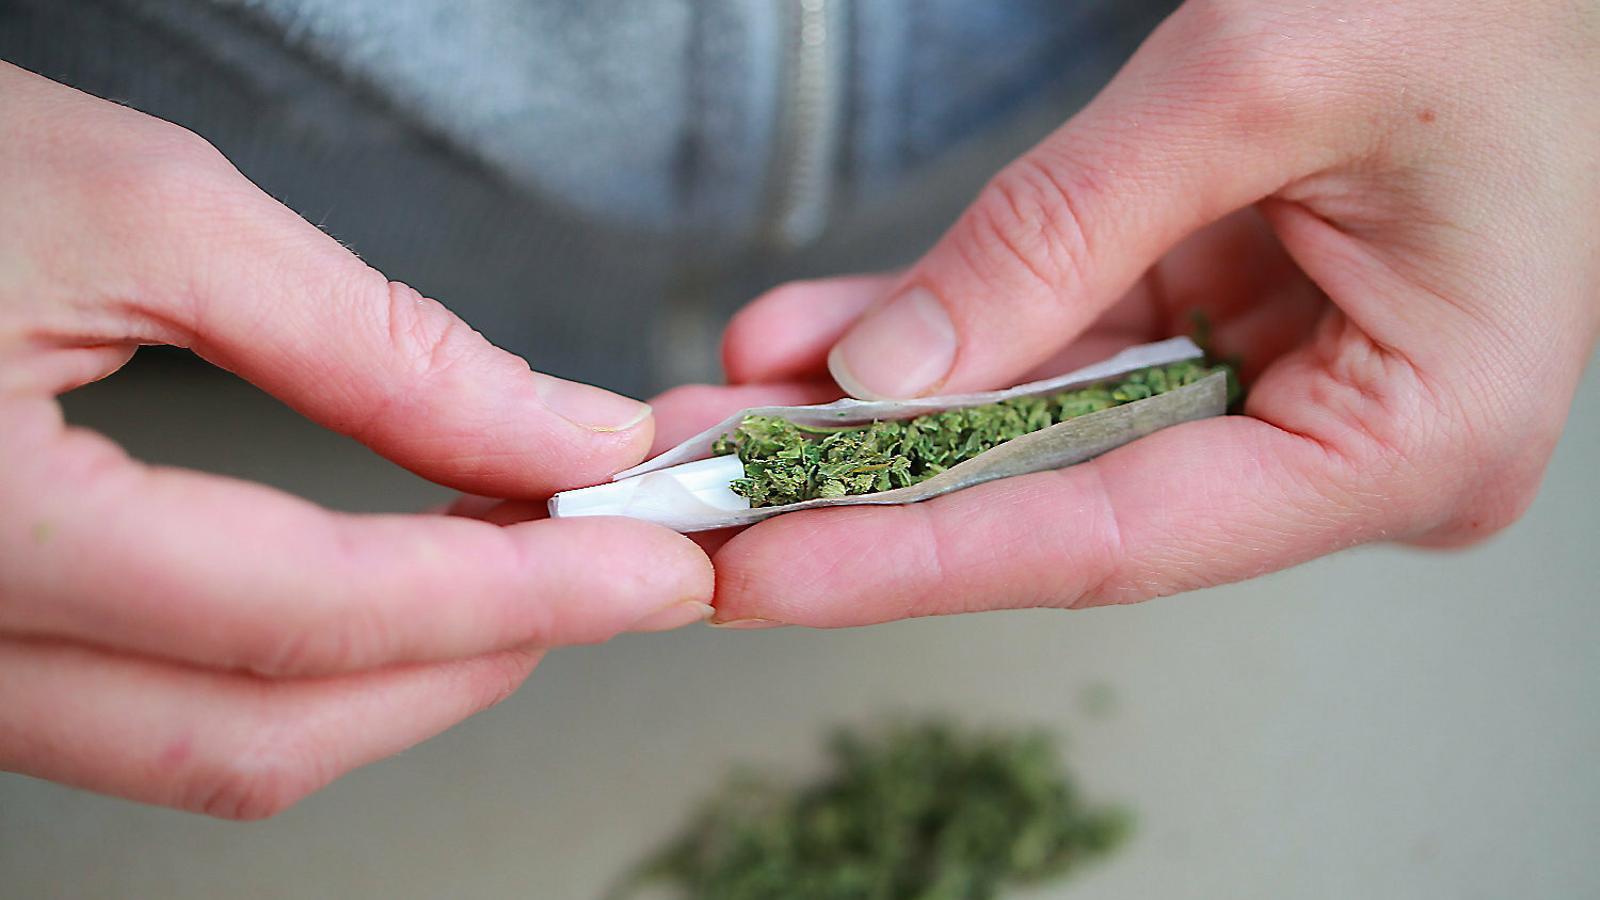 Una persona cargolant un porro de marihuana en una imatge de recurs.